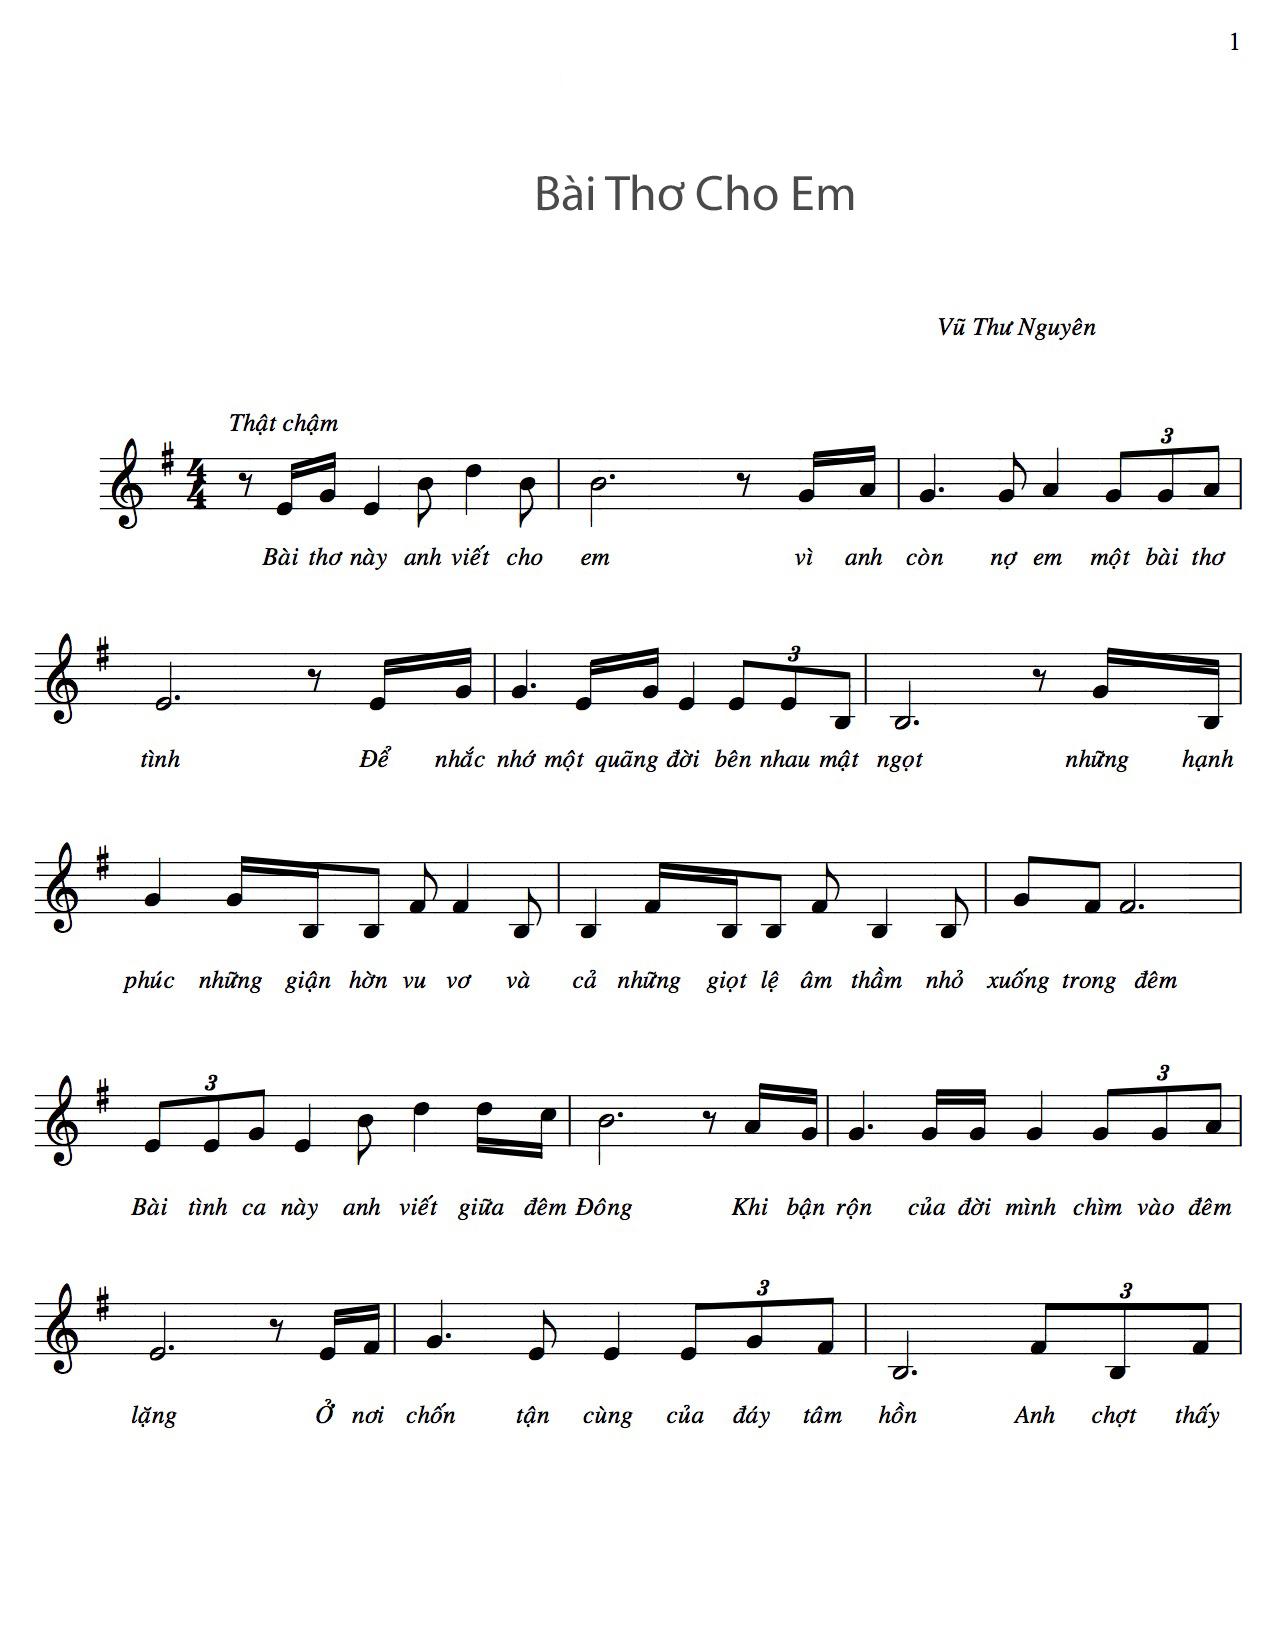 bai-tho-cho-em-a-copy